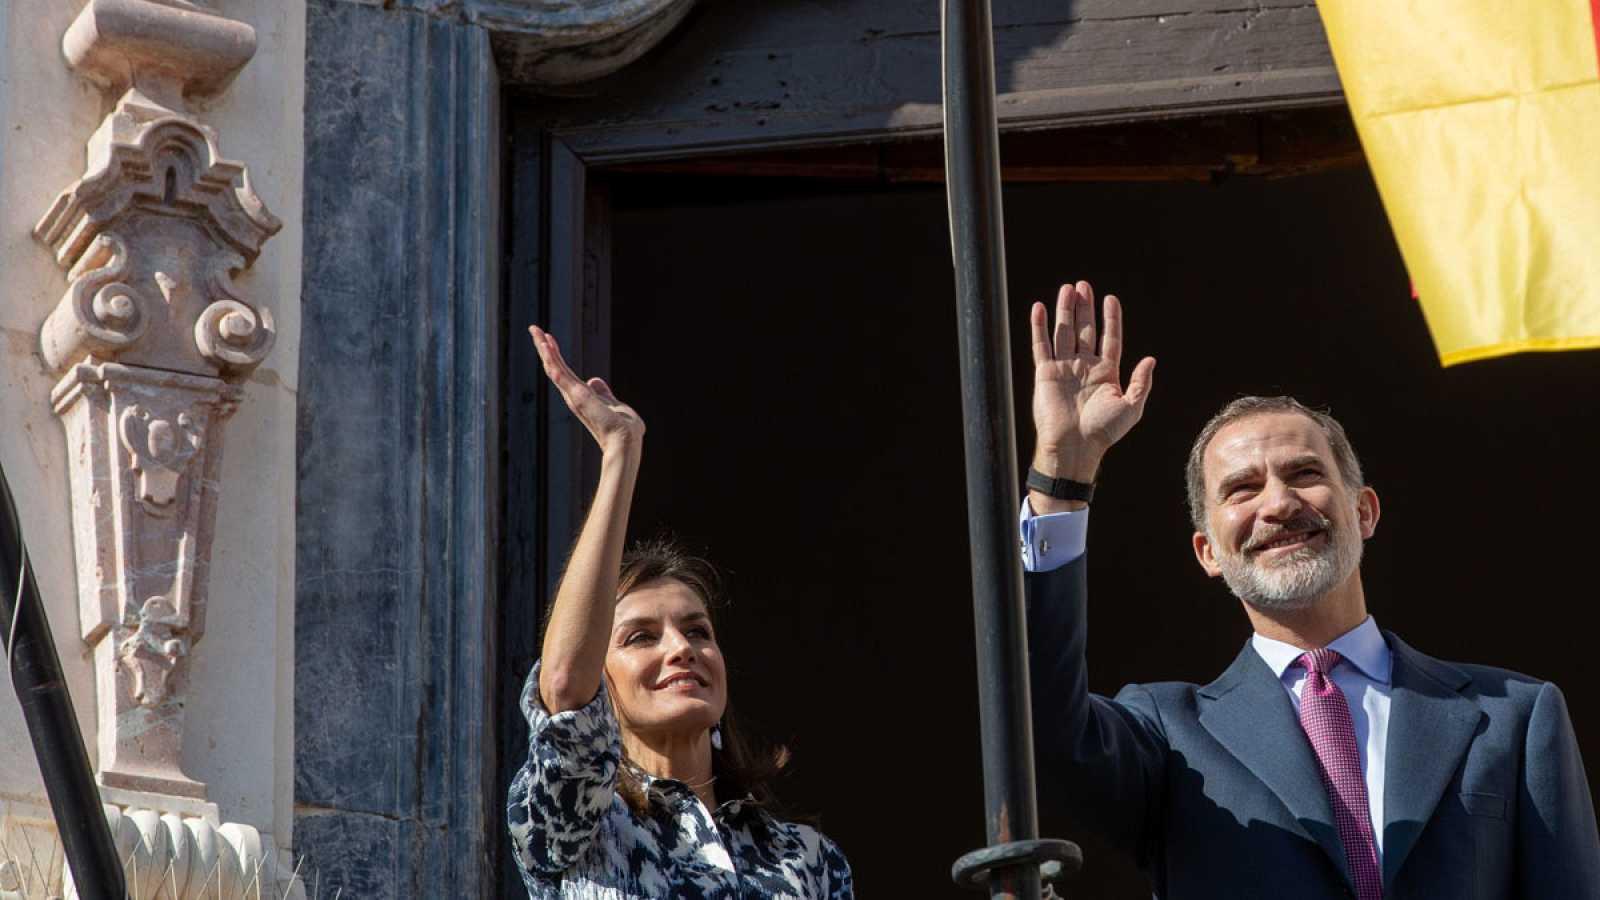 Los reyes Felipe y Letizia saludan desde el balcón del Palacio de Benamejí en Écija (Sevilla)